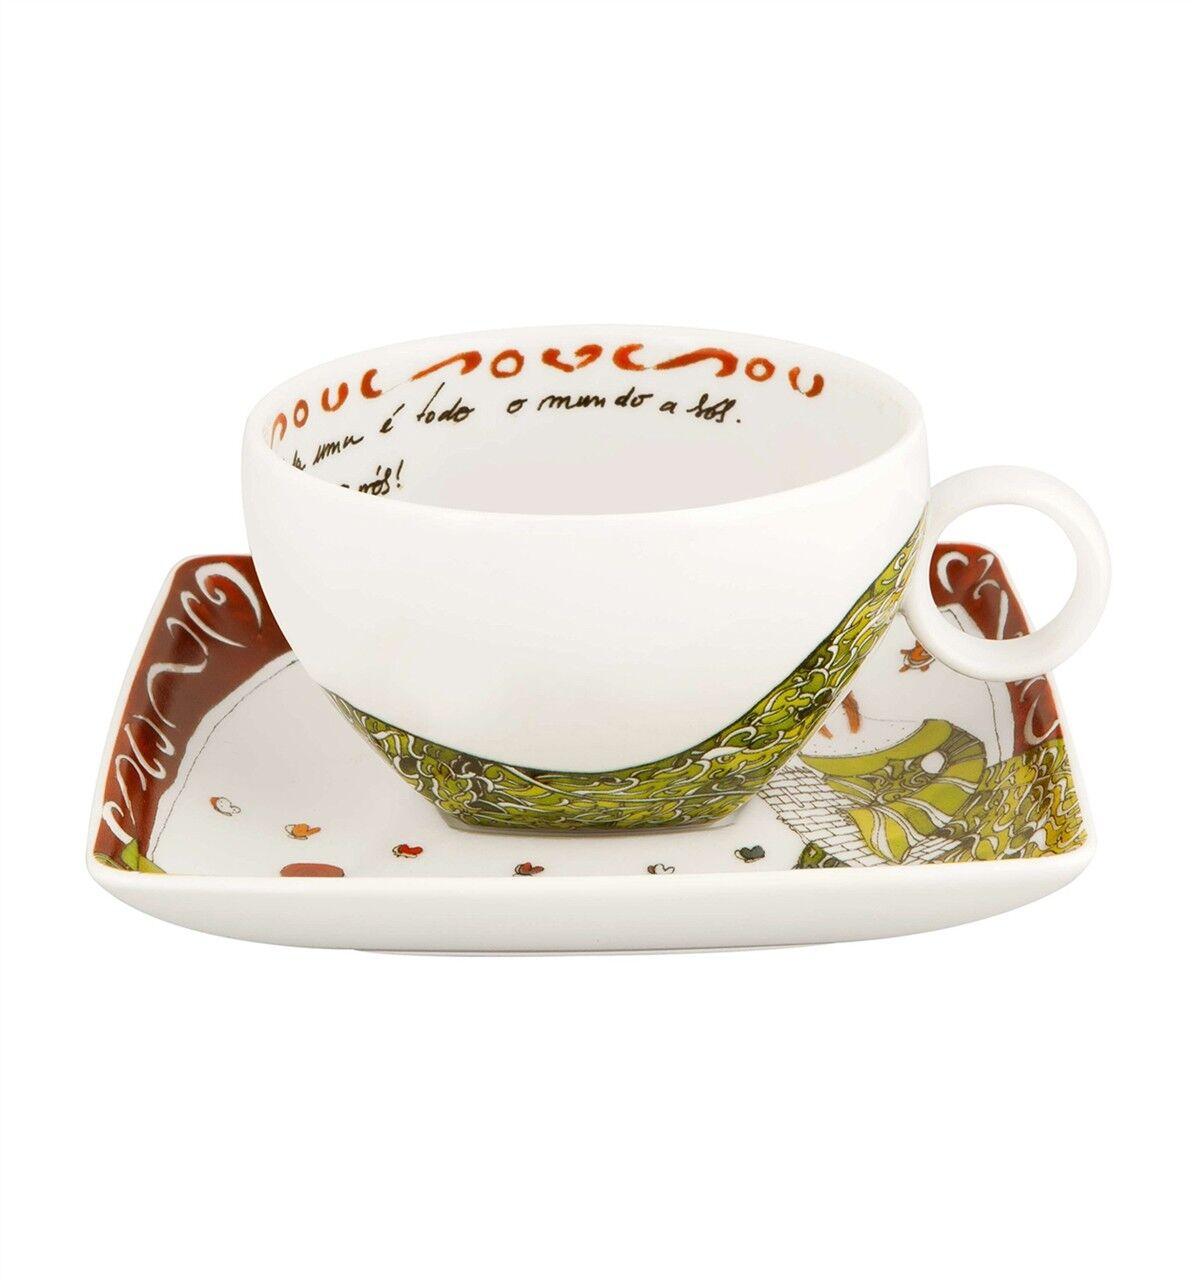 Vista Alegre Vimaranes Tasse à thé & soucoupe-Lot de 8